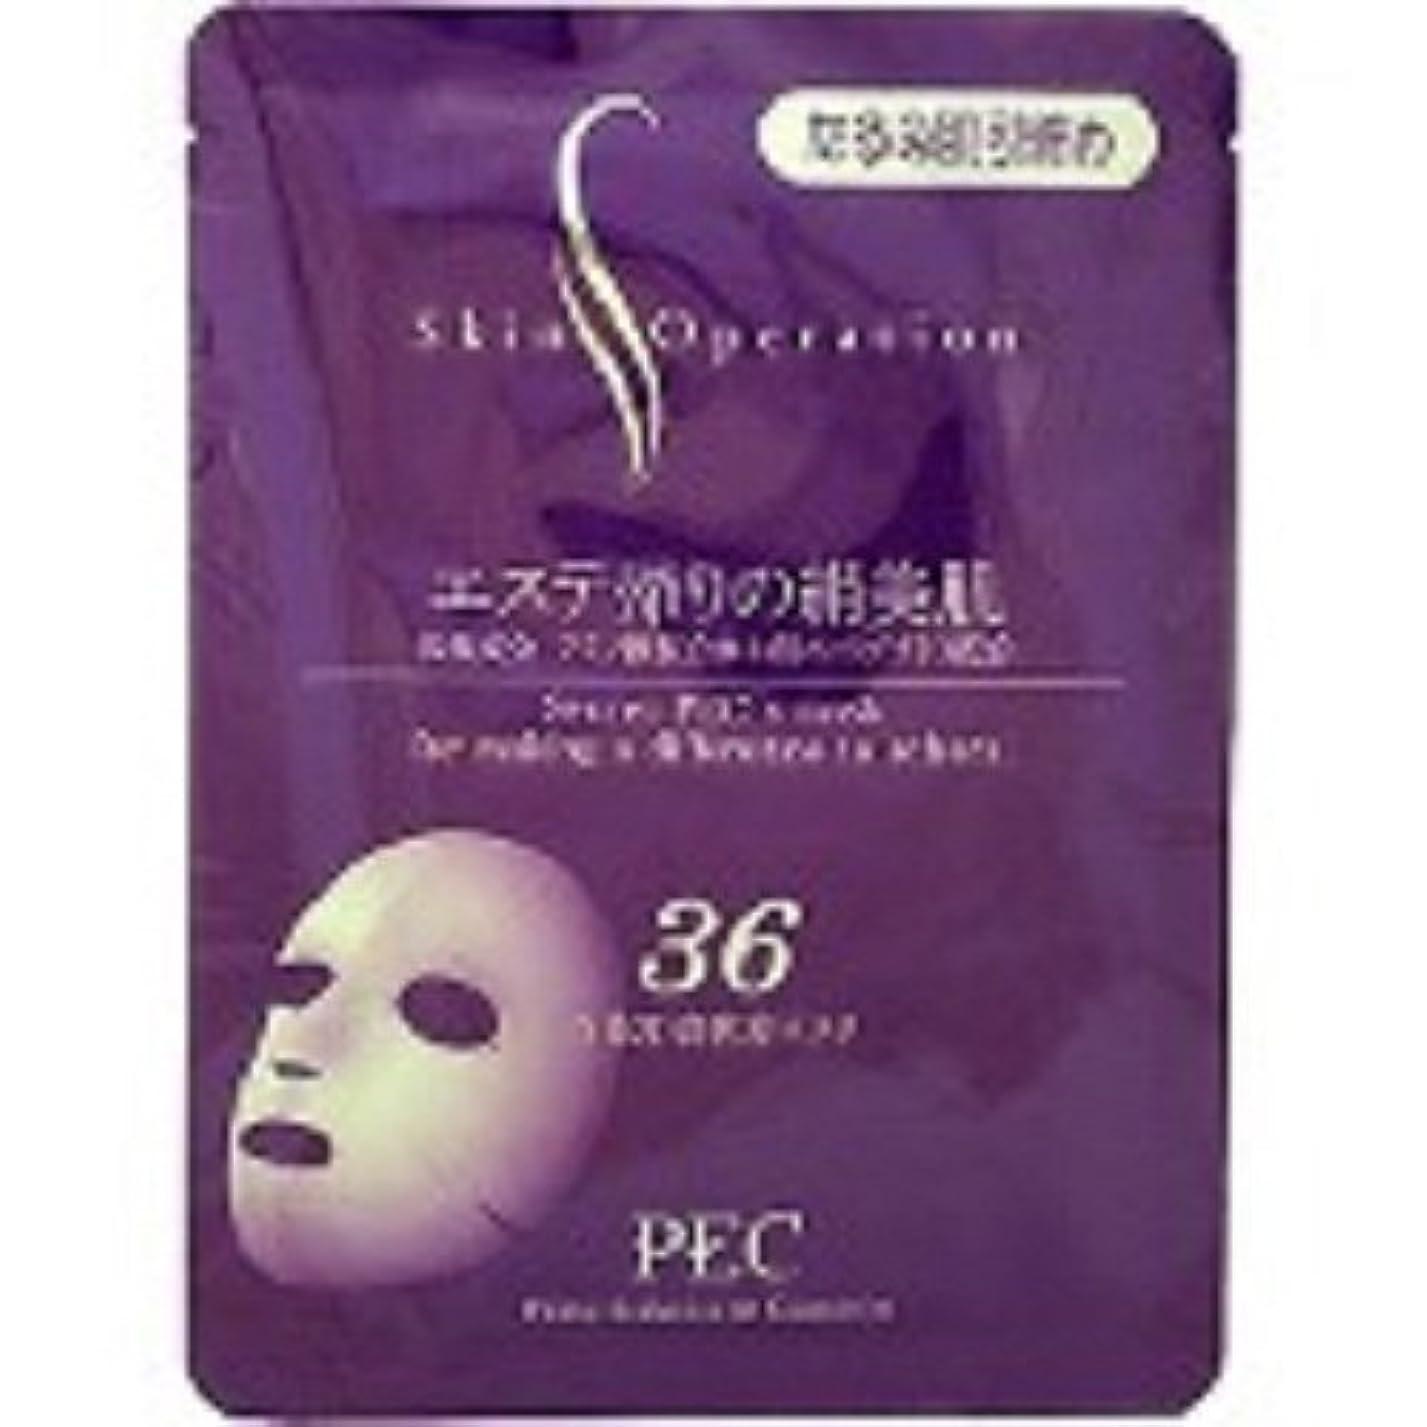 鎮痛剤幅インクスキンオペレーション マスク36